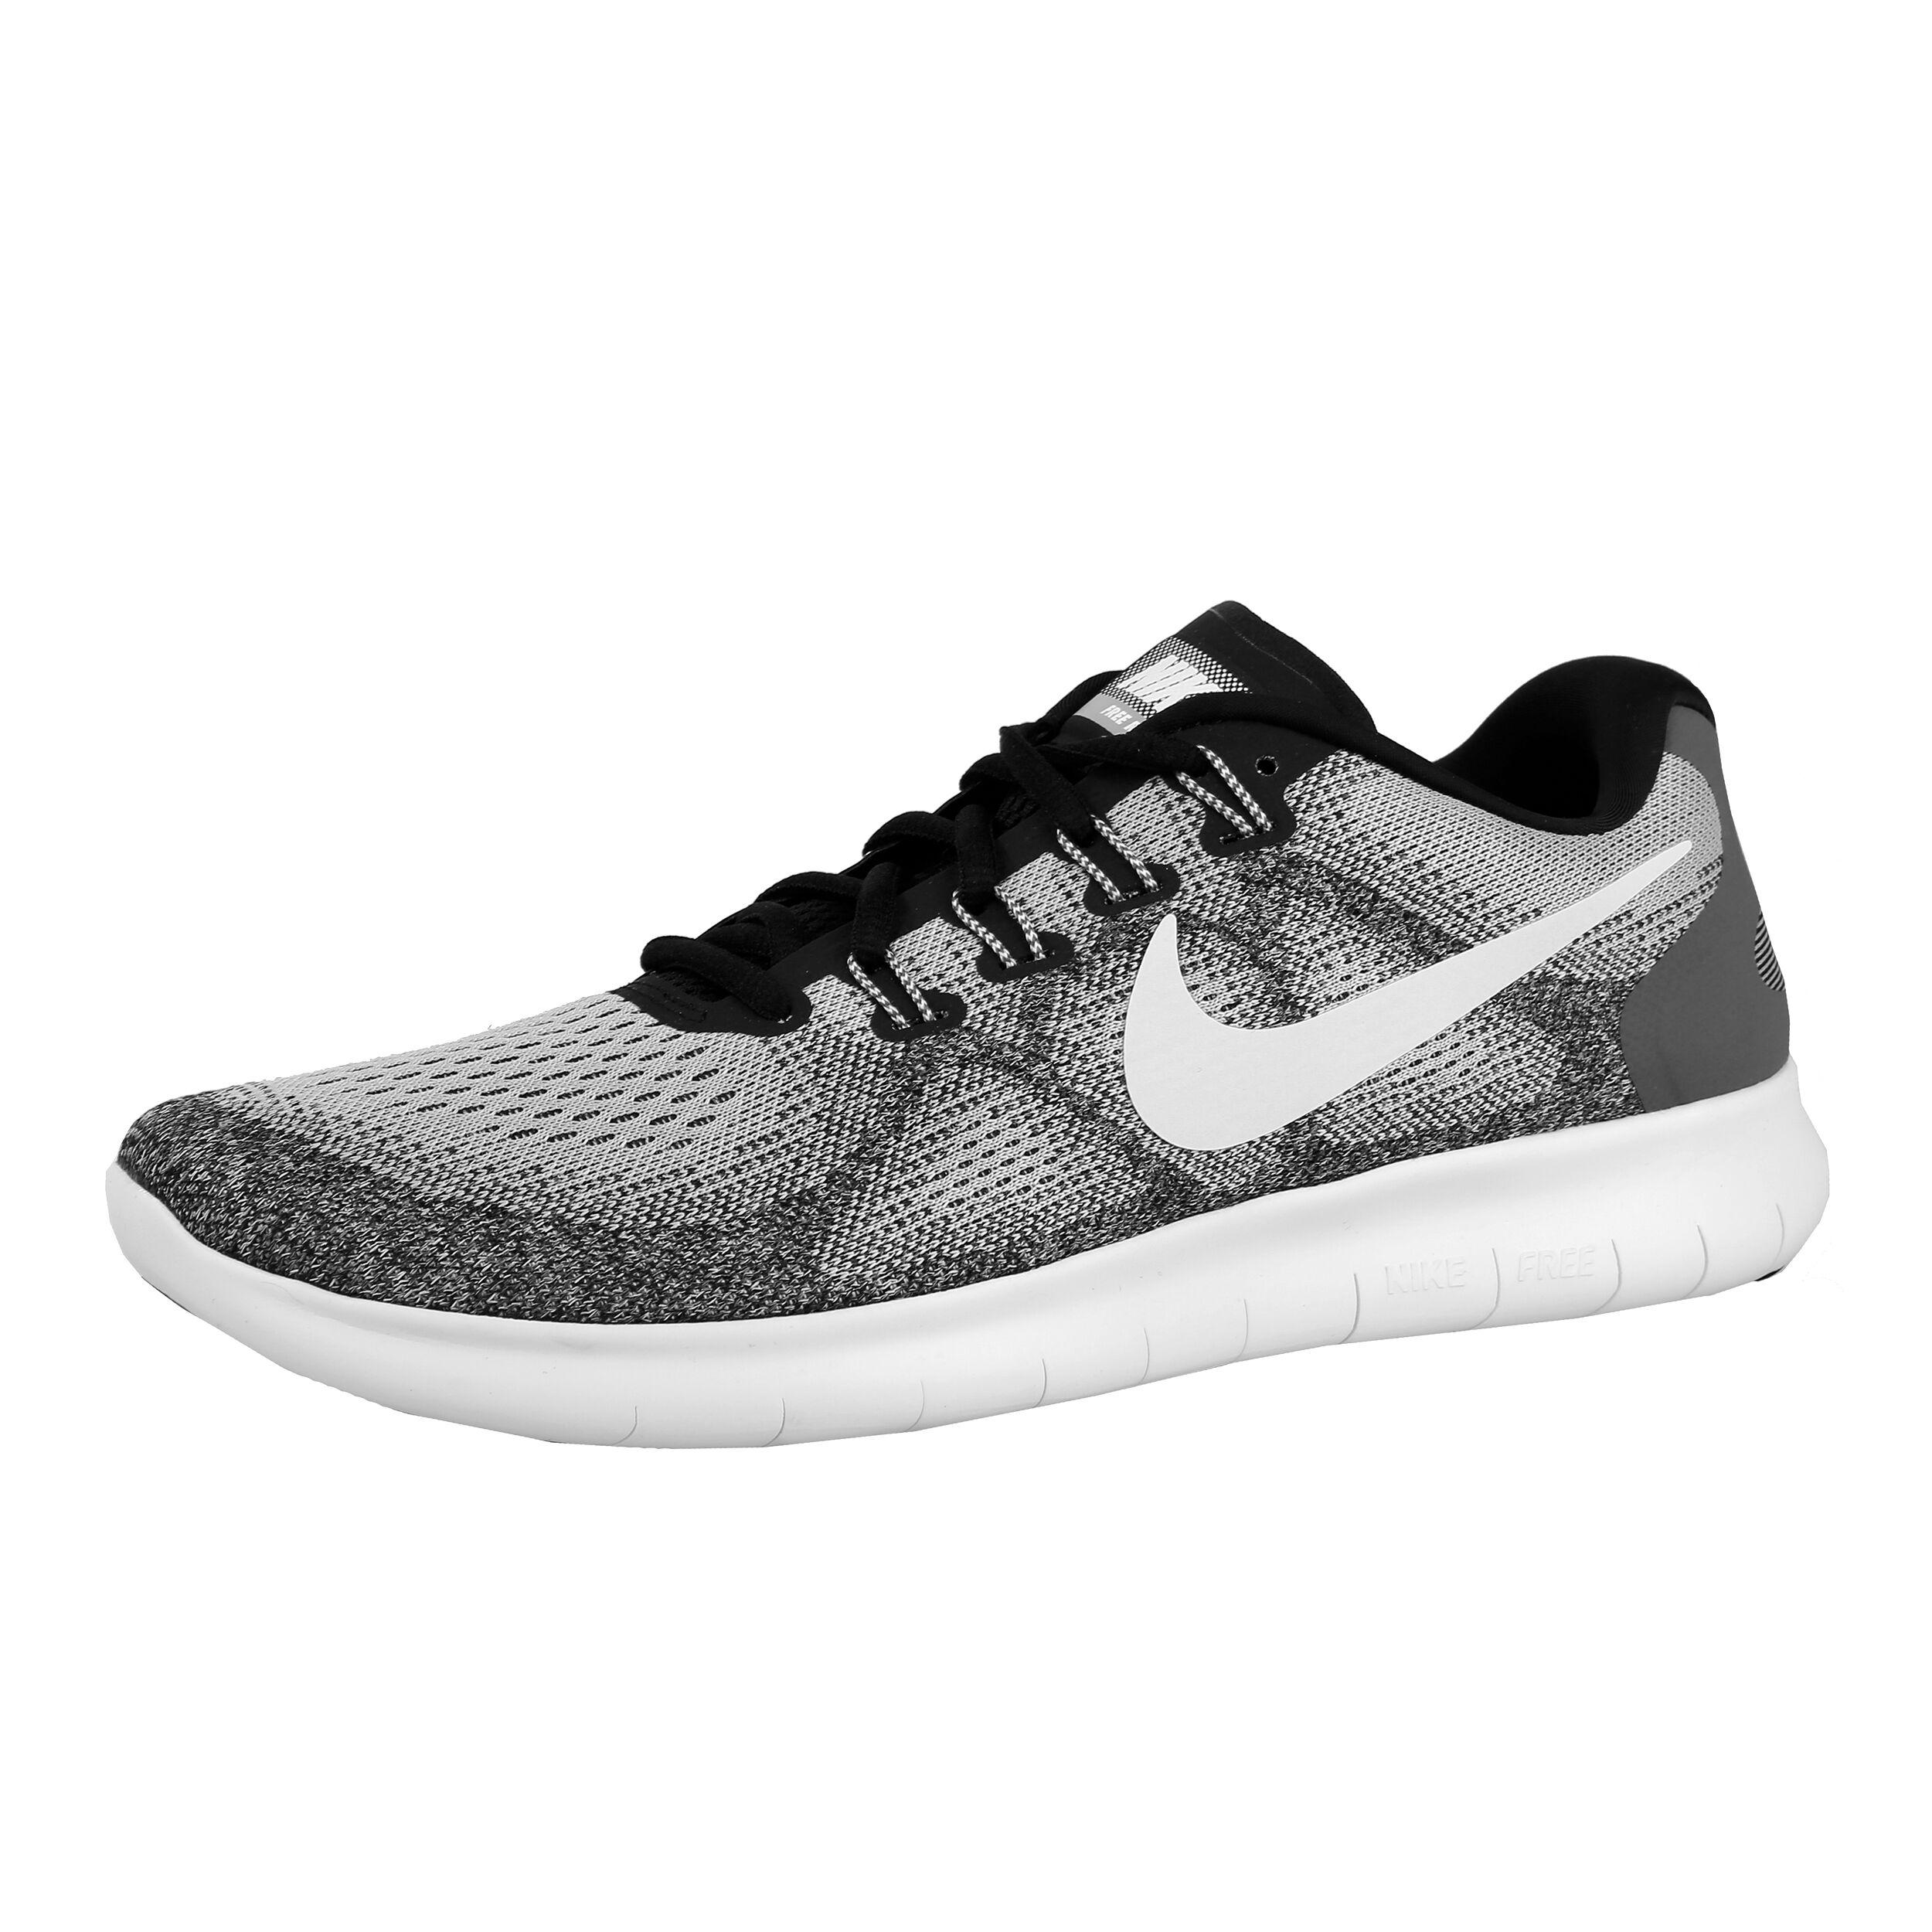 Nike Free Run 2017 Natural Running Shoe Men Lightgrey, Anthracite